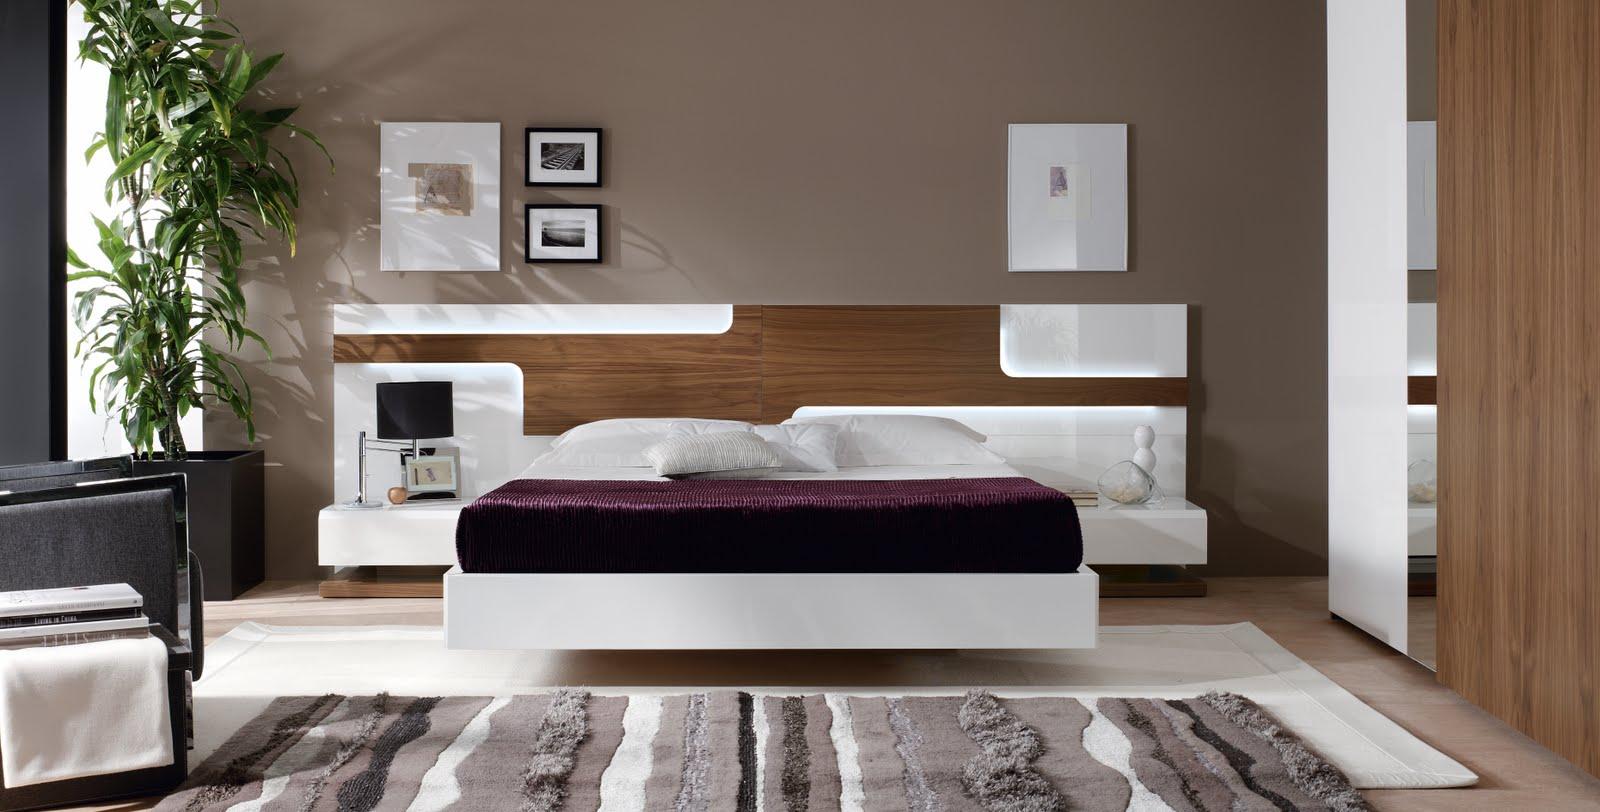 Dormitorios de matrimonio living - Cabezales de forja modernos ...